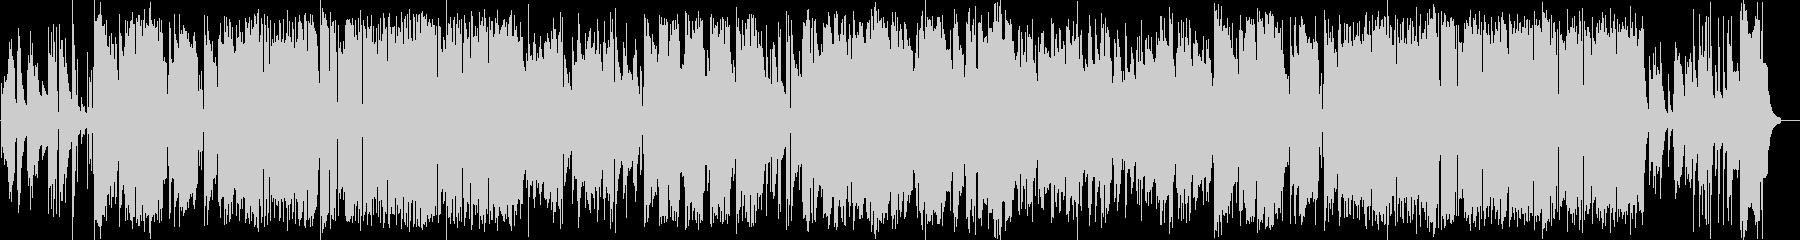 サックスメインのジャズフュージョンの未再生の波形